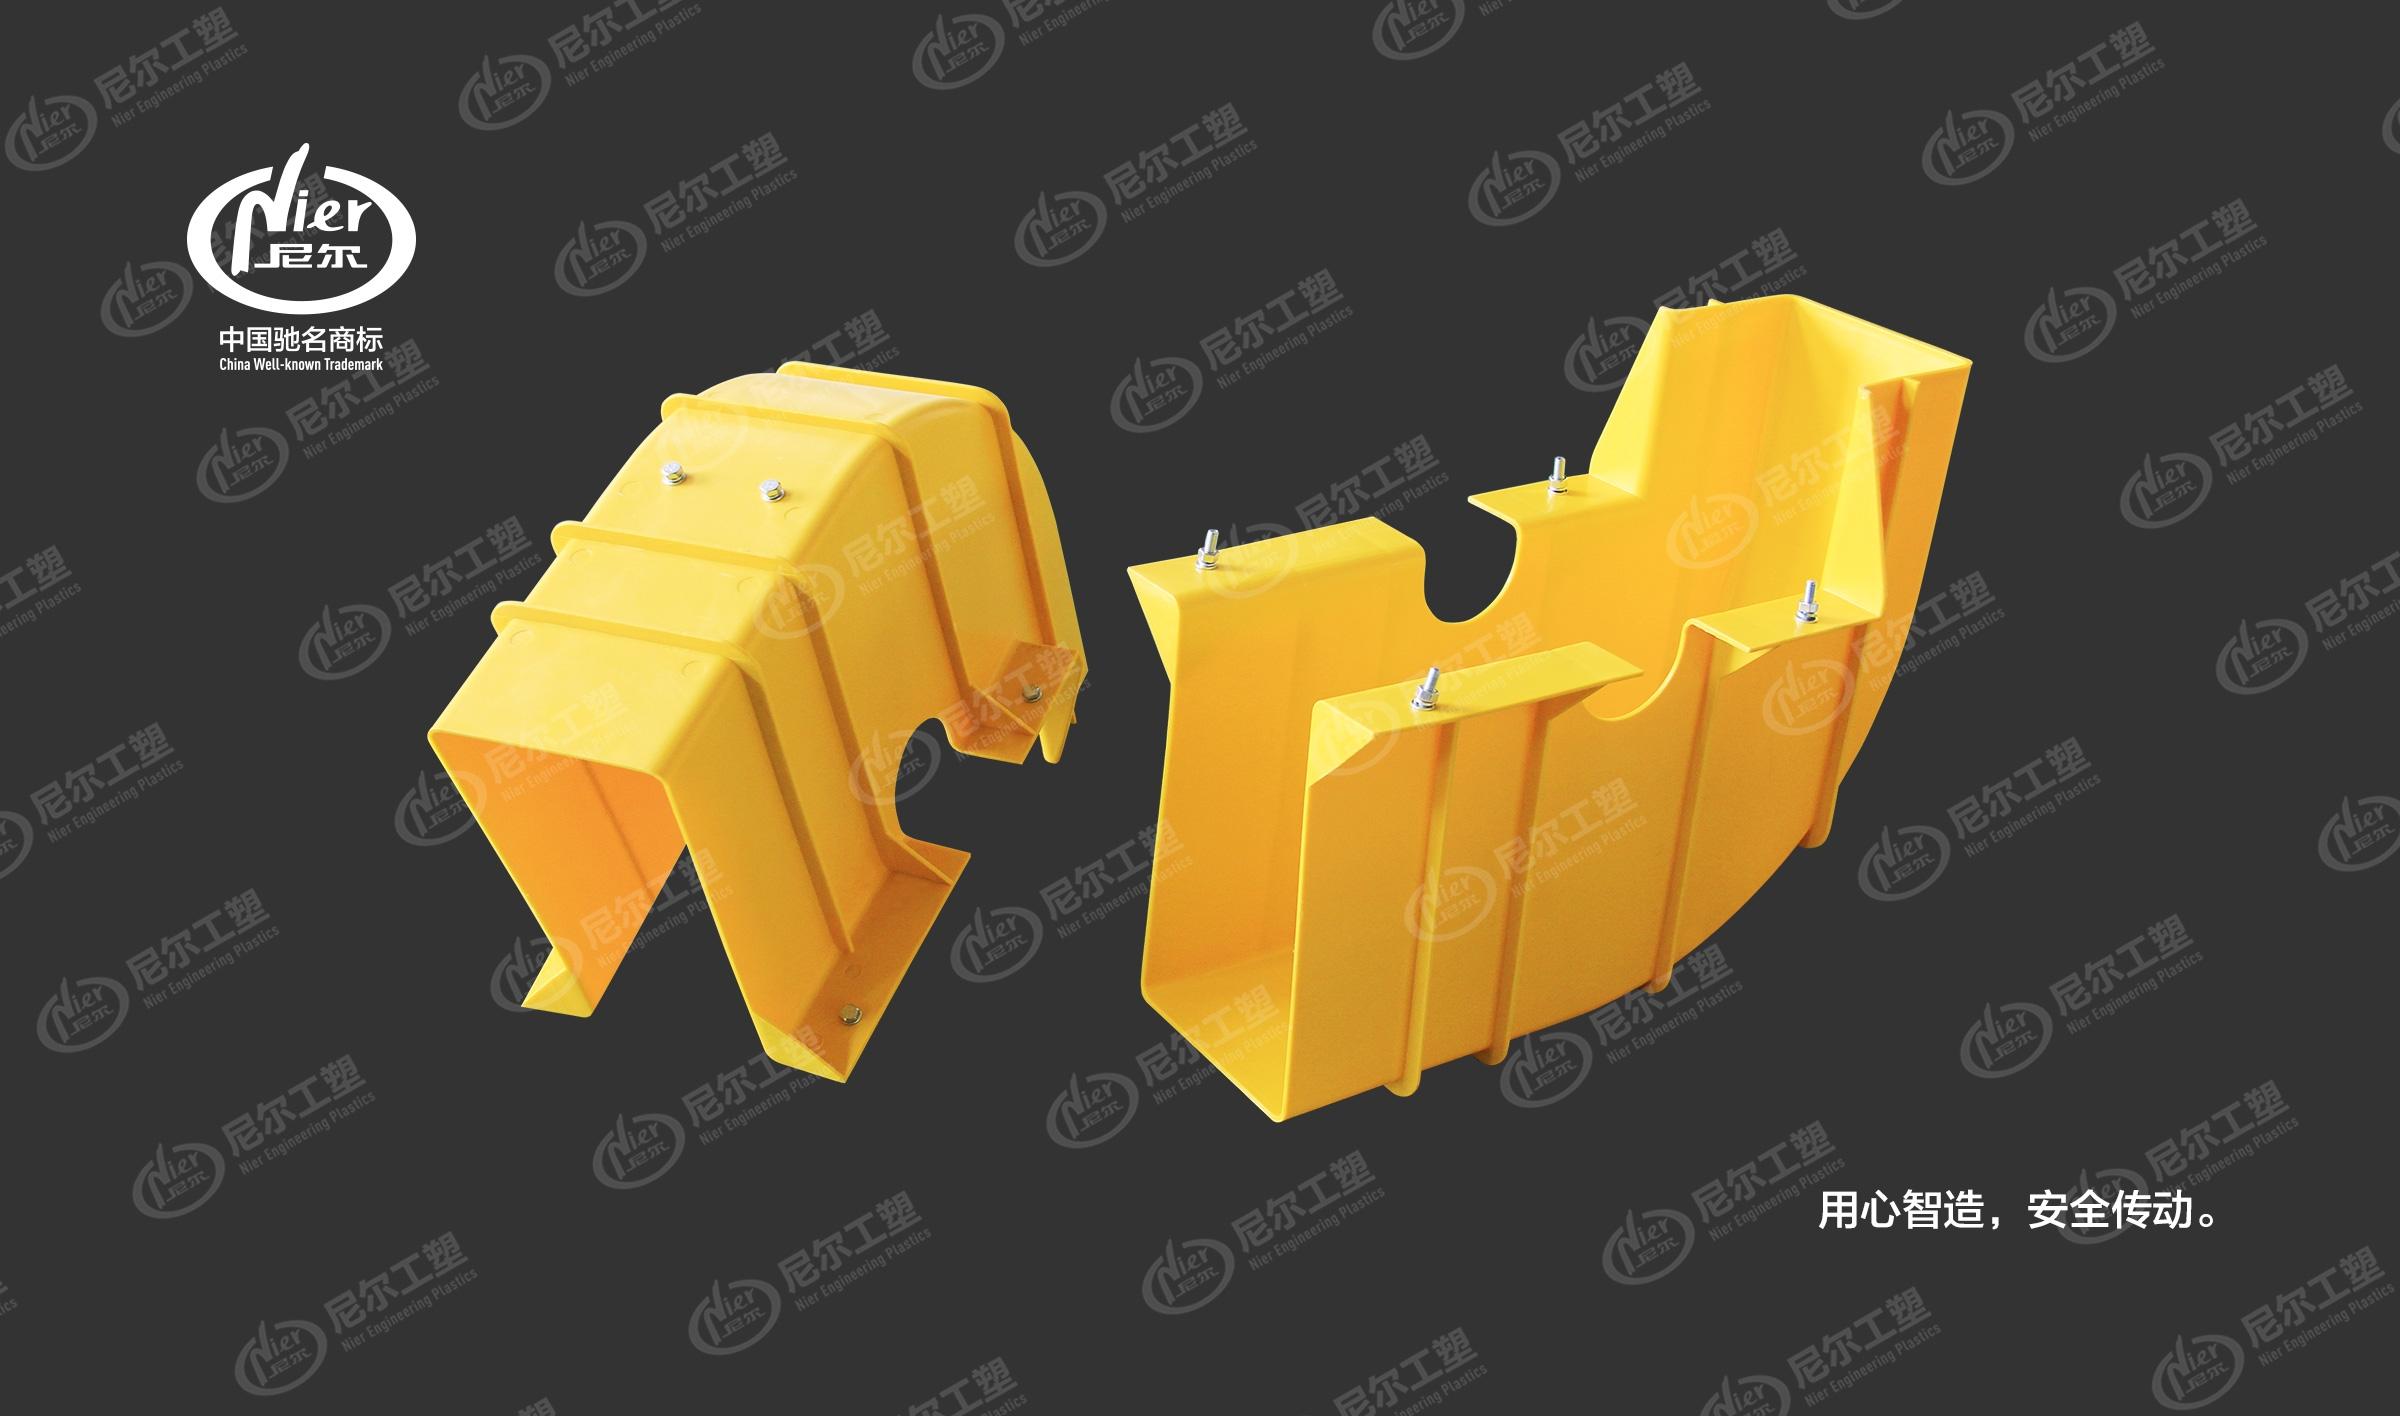 轿顶轮防护罩